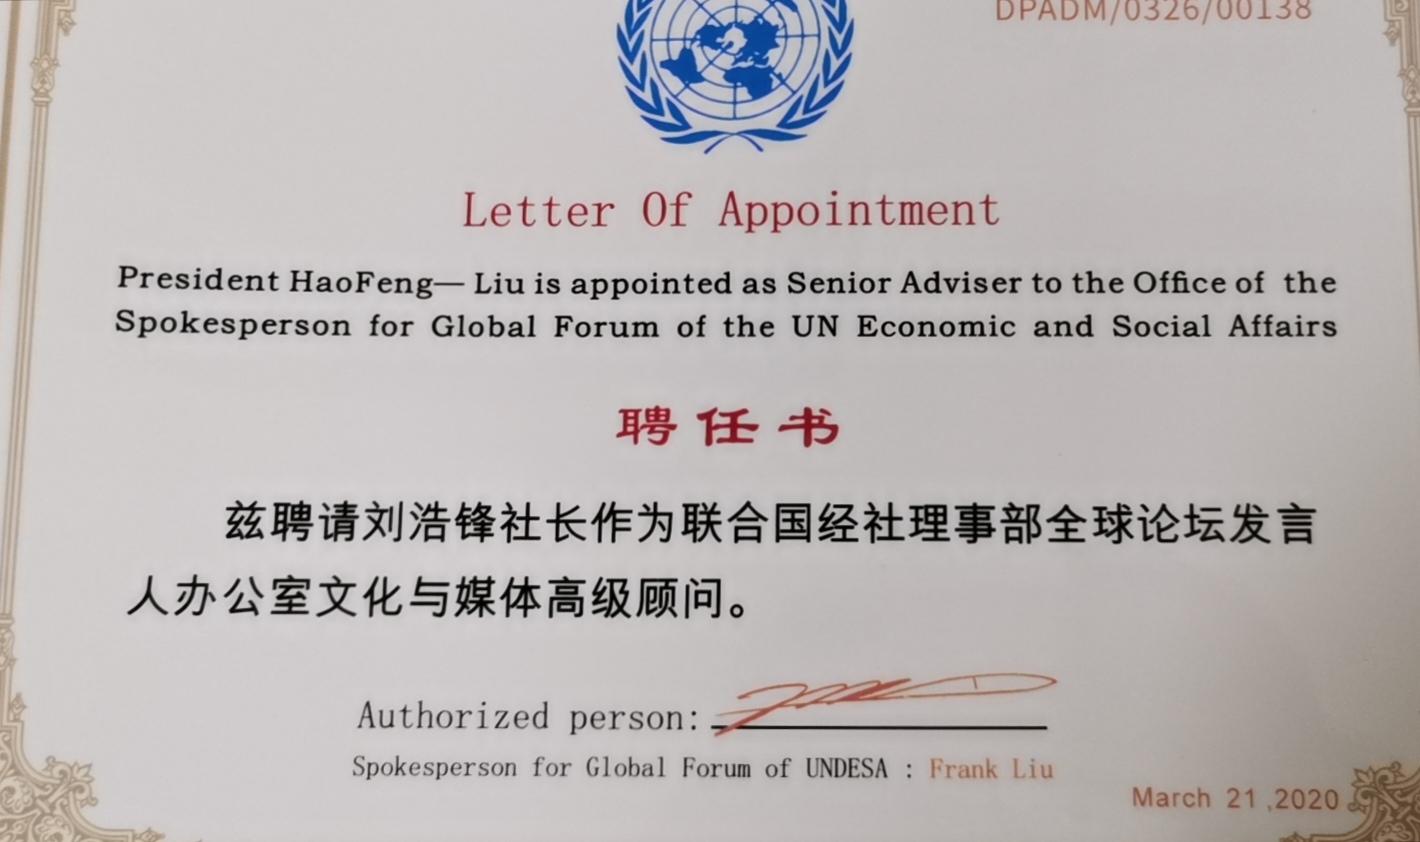 刘社长荣聘联合国全球论坛发言人办公室文化与媒体高级顾问